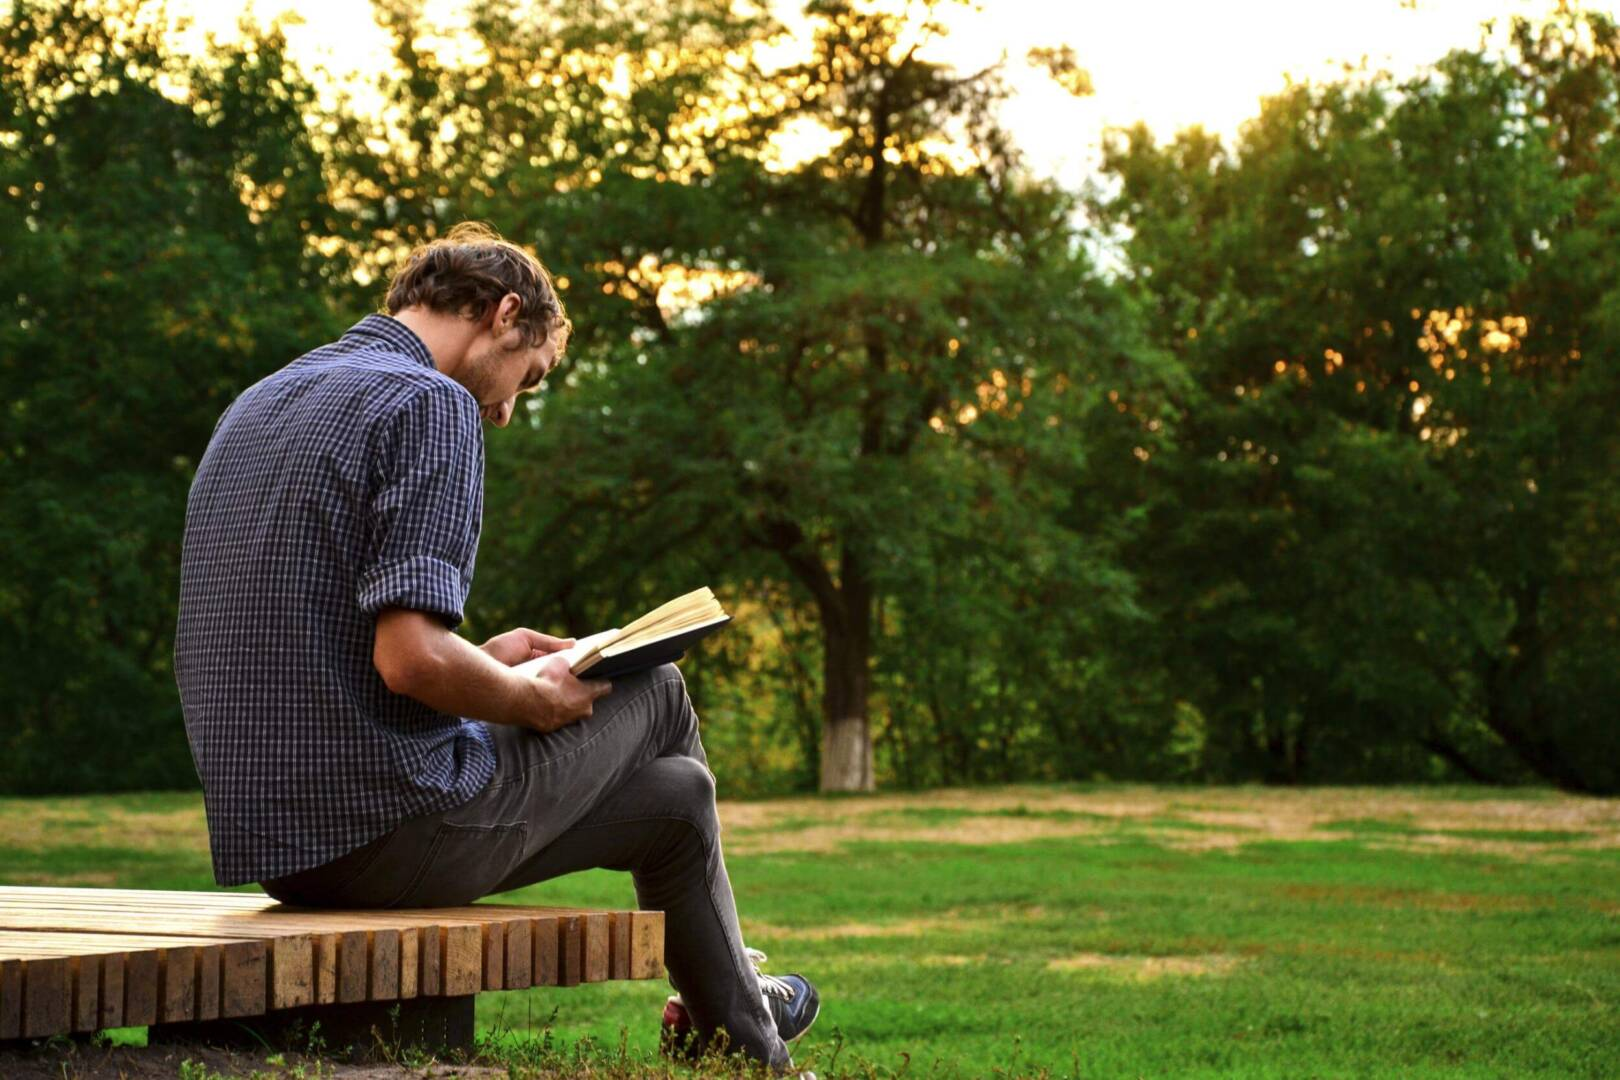 La relación entre un libro y una persona